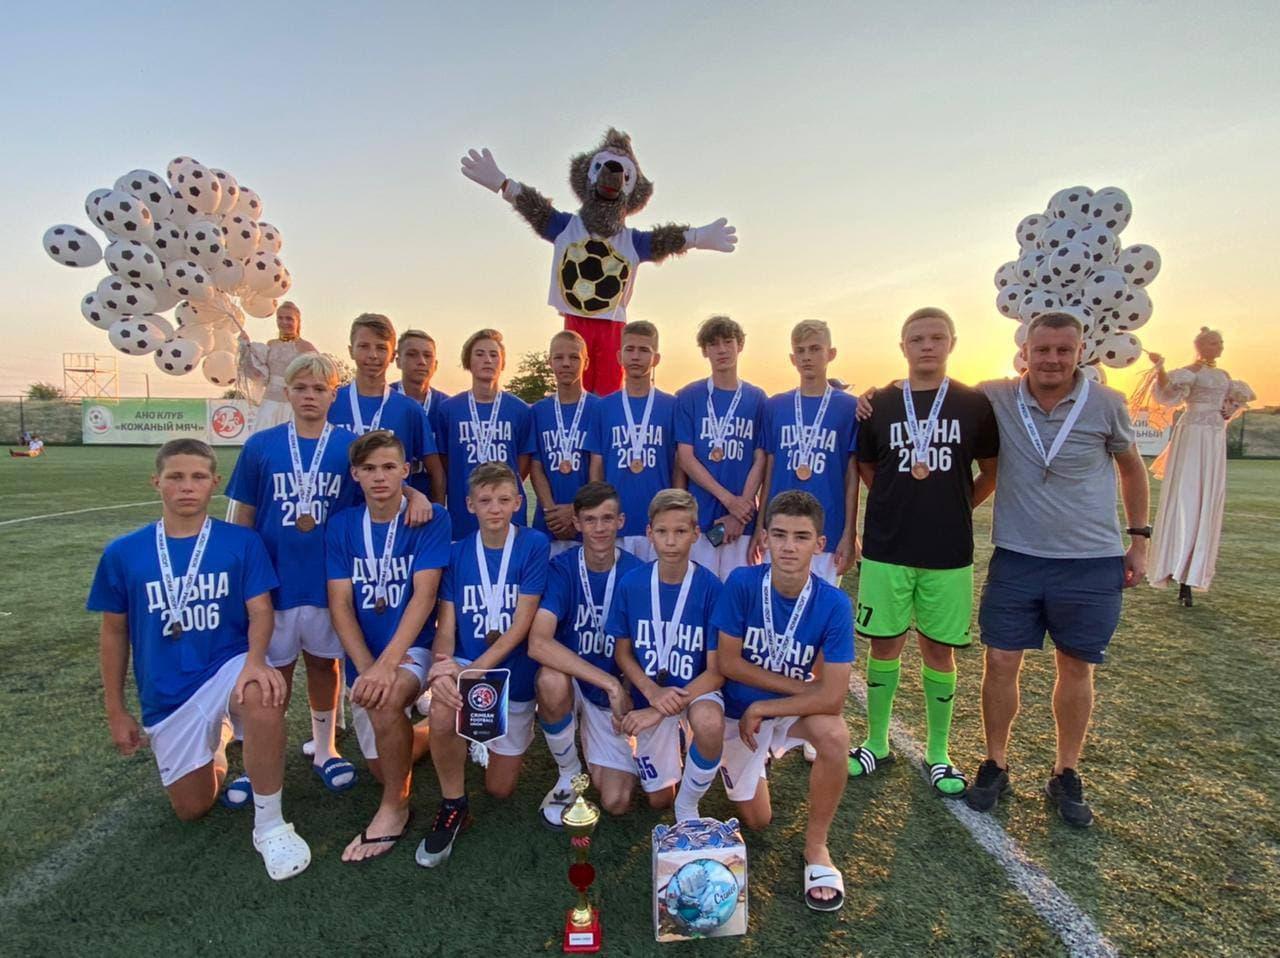 Футбольная команда из Дубны стала бронзовым призёром всероссийского турнира «Кожаный мяч»